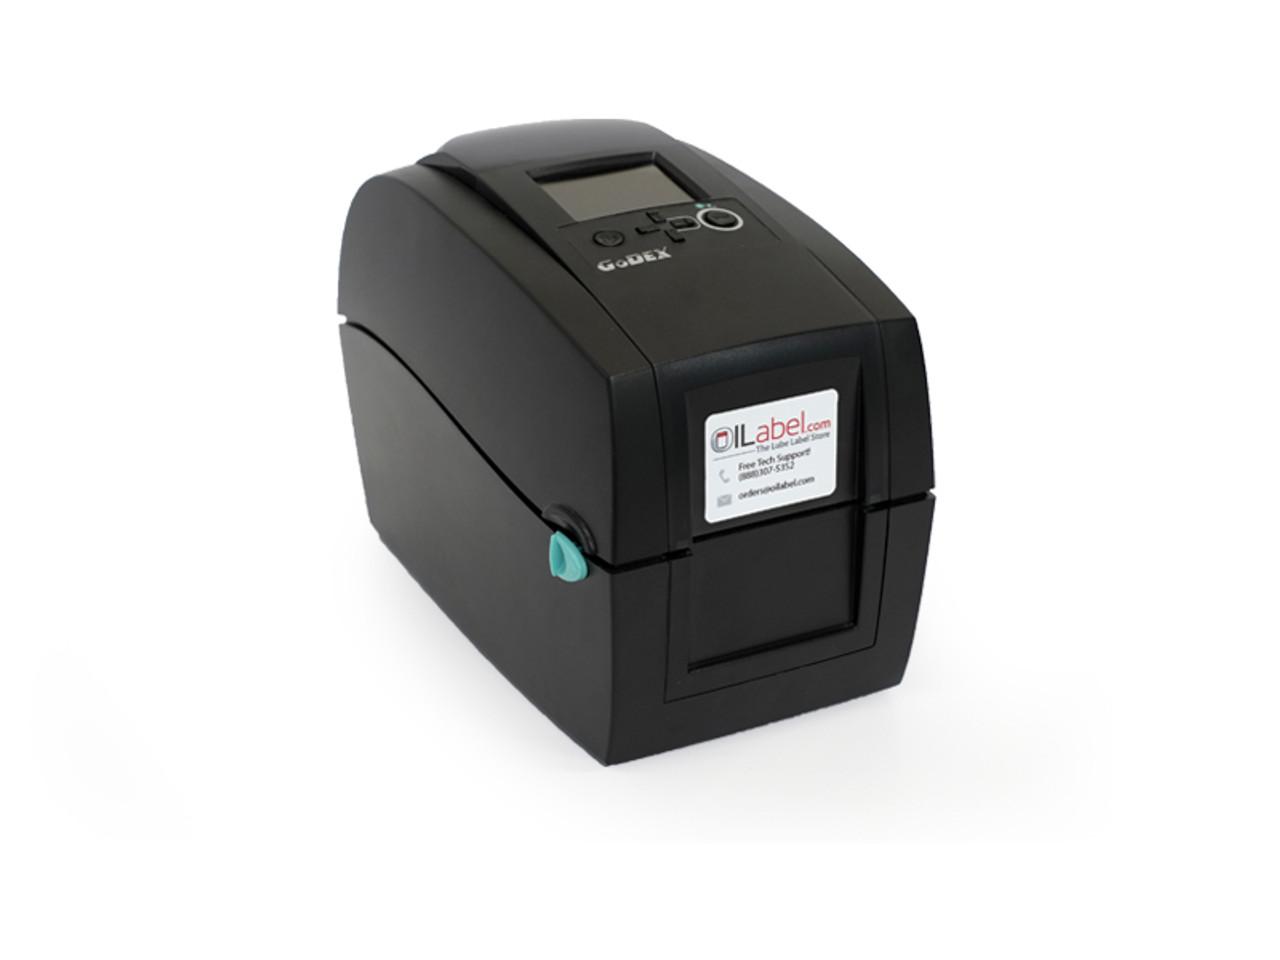 Godex RT200i Oil Sticker Printer